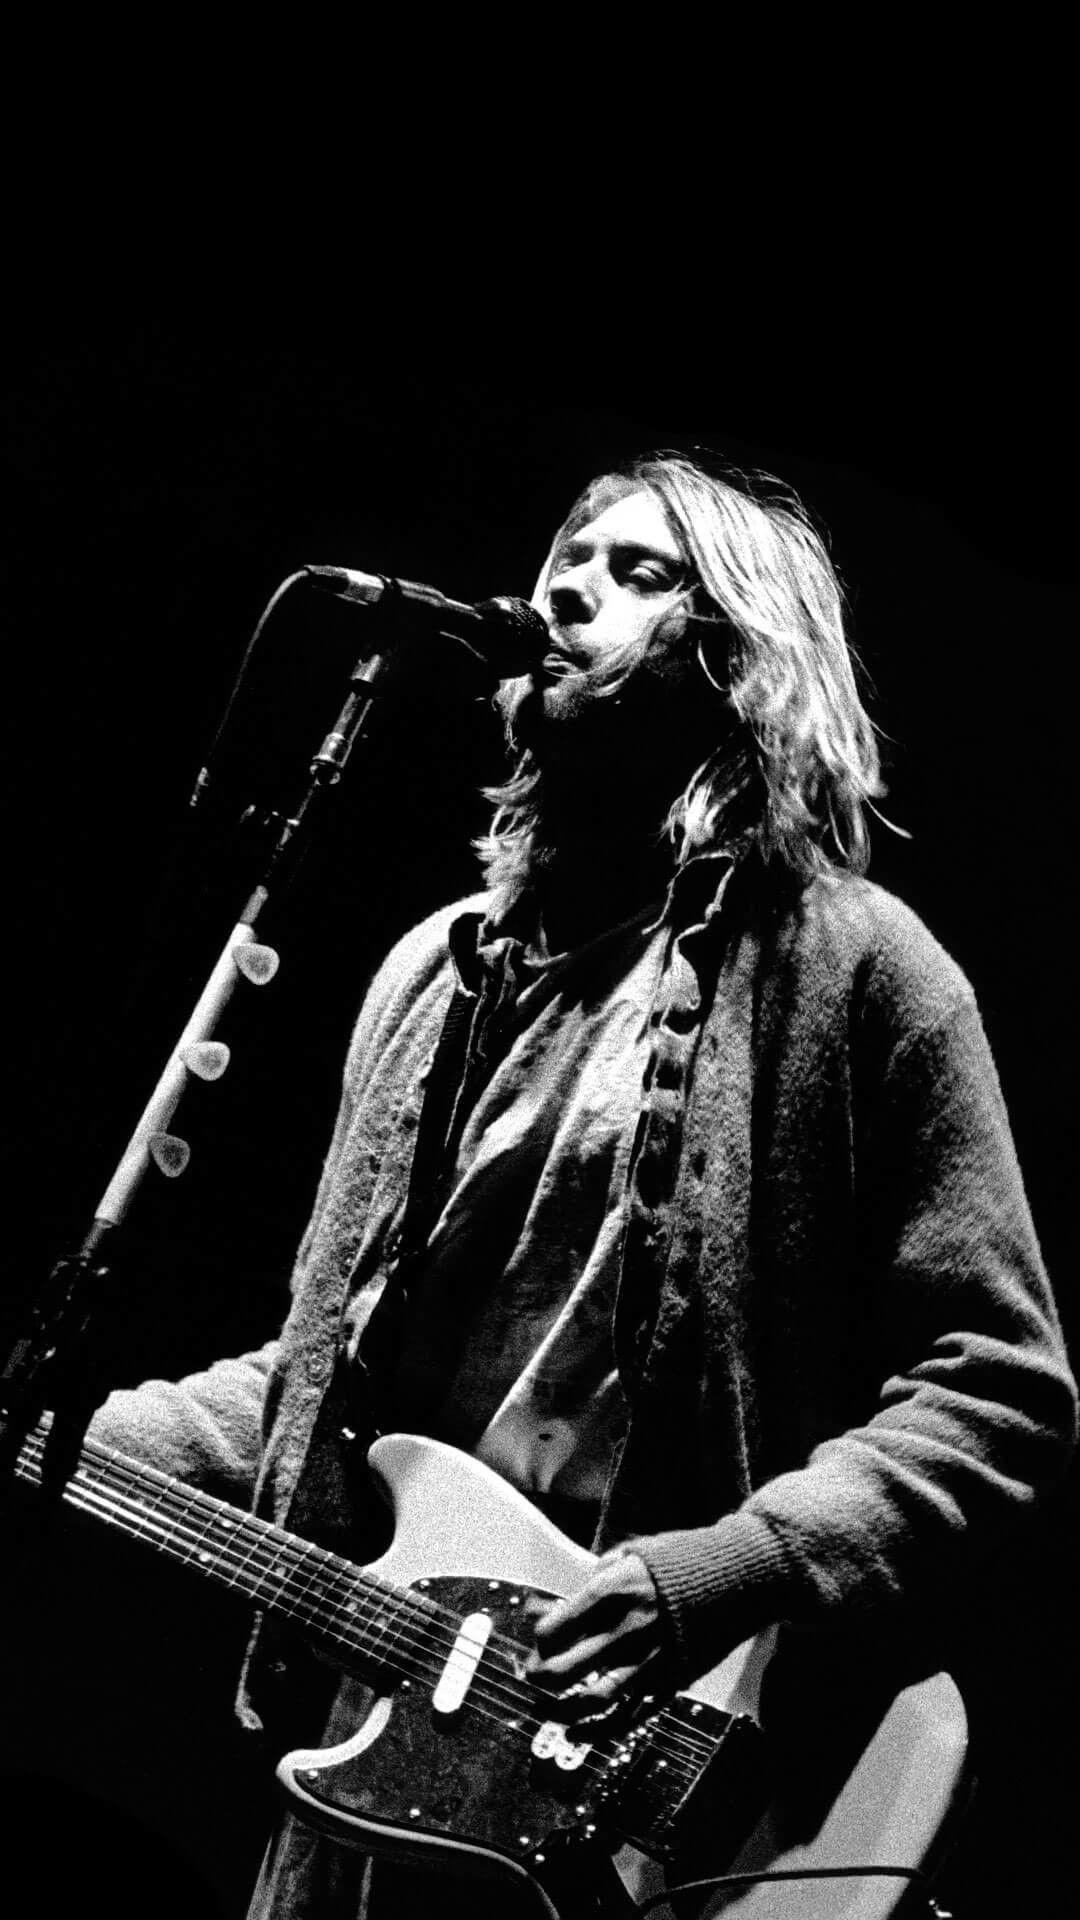 Iphone Wallpaper Music Queen Band Rock Roll Band   Kurt Cobain 1080x1920